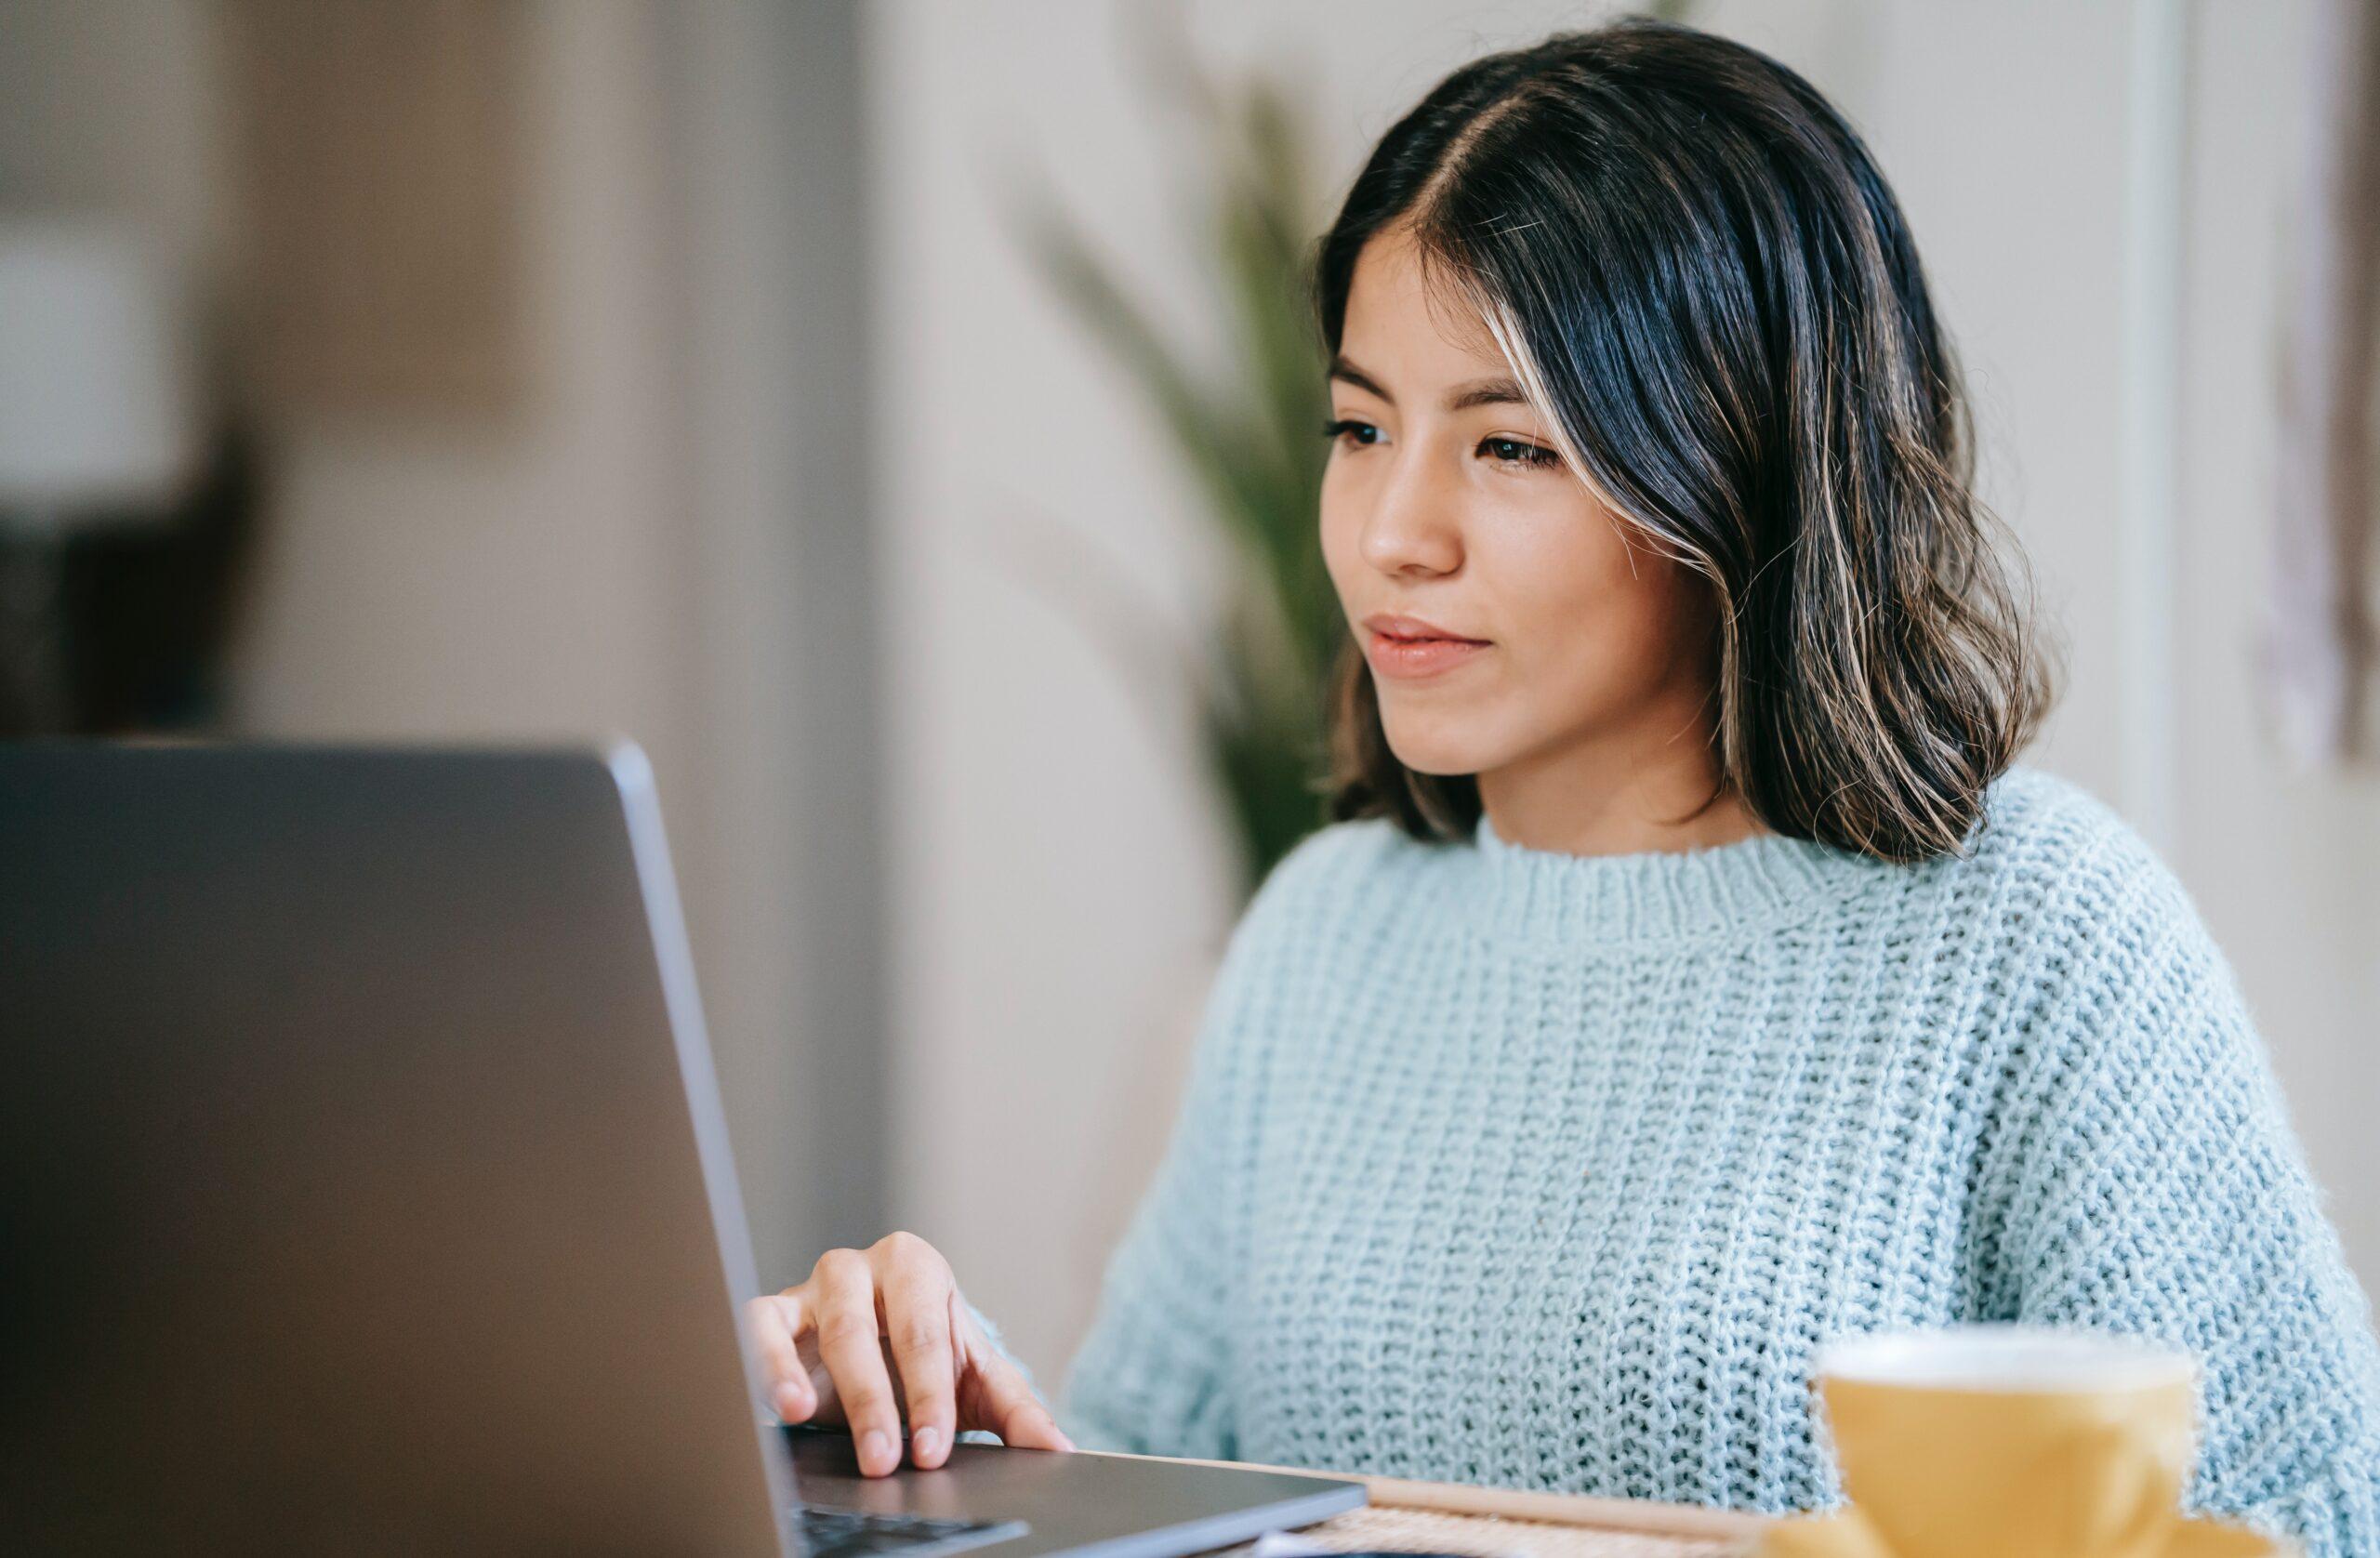 Hispanic woman working on laptop